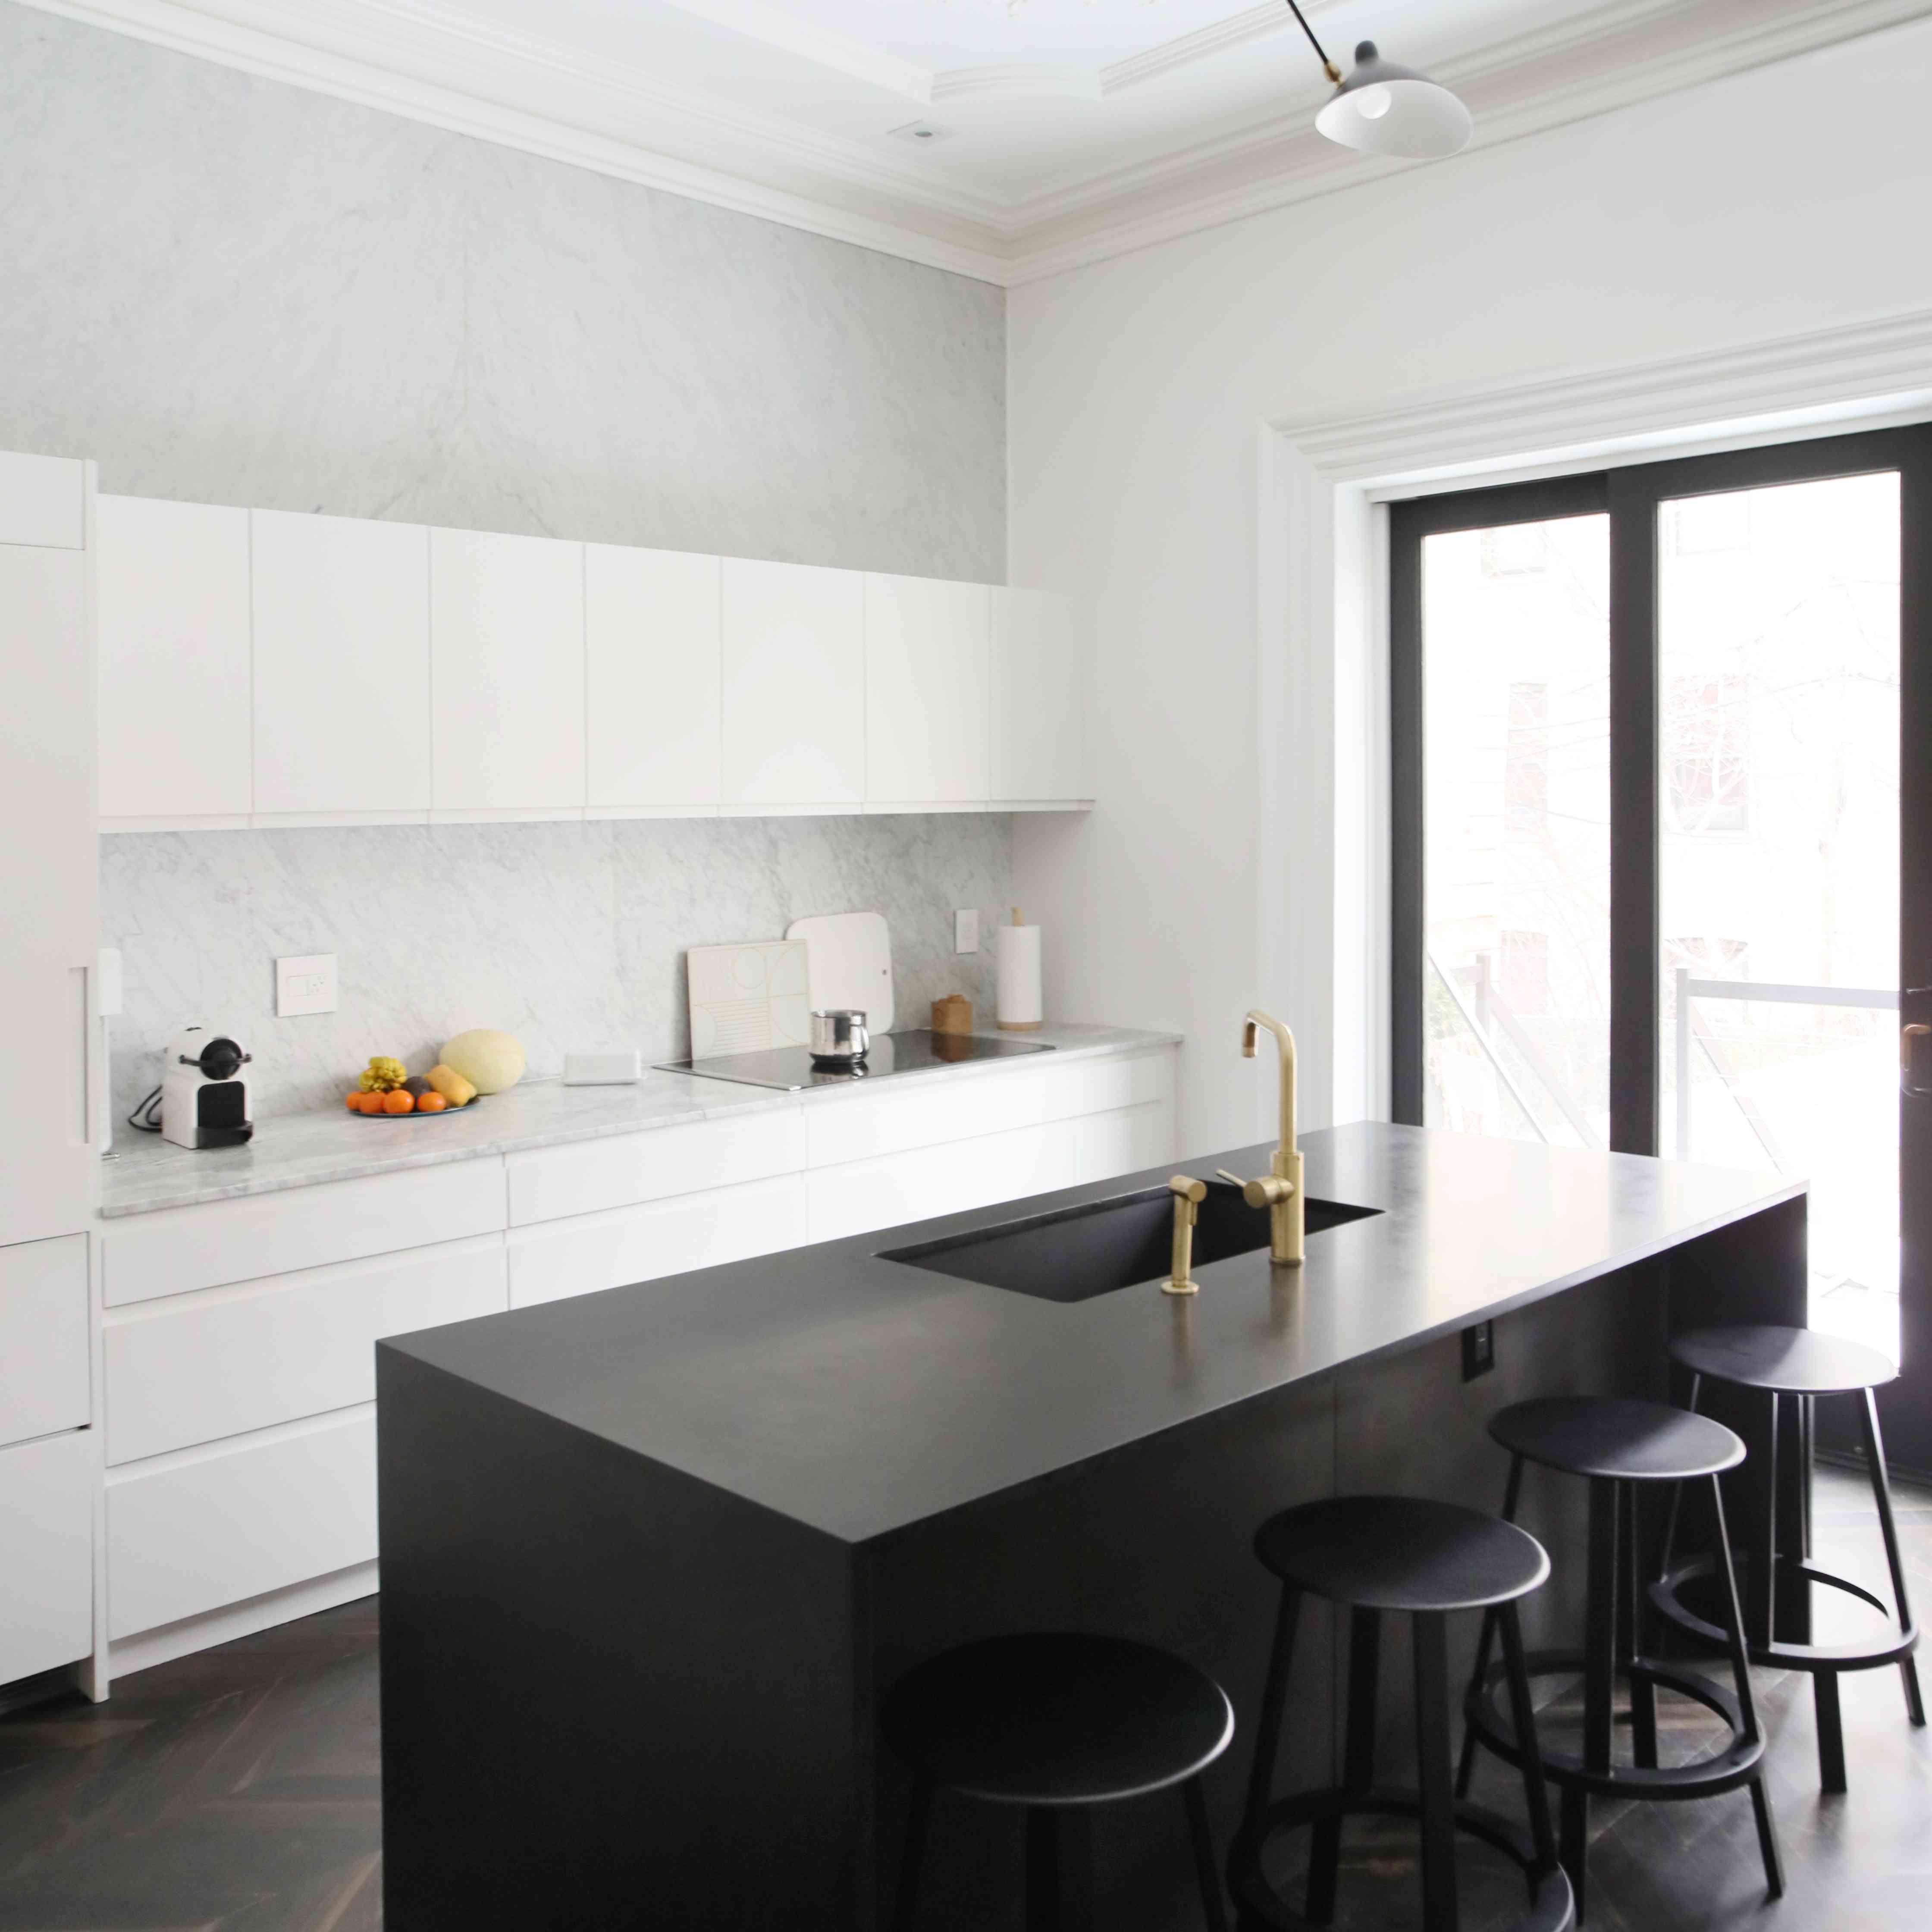 white kitchen with black kitchen island